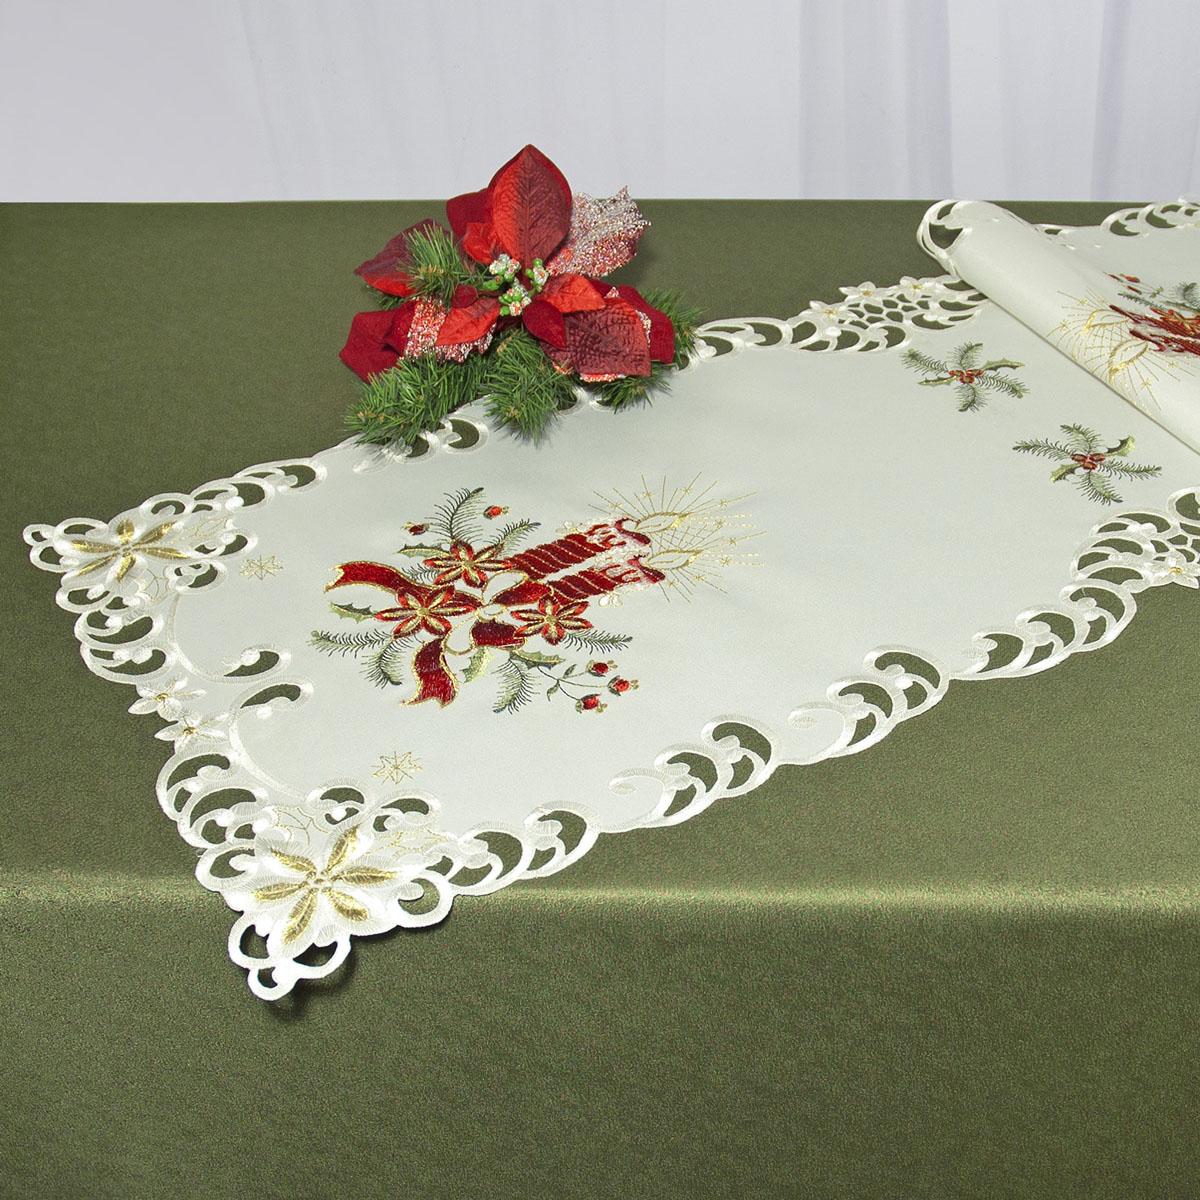 Дорожка для декорирования стола Schaefer, прямоугольная, цвет: белый, красный, 40 x 110 см 07483-233Ветерок 2ГФДорожка Schaefer выполнена из высококачественного полиэстера и украшена вышитыми рисунками в виде новогодних свечей. Края дорожки оформлены в технике ришелье. Вы можете использовать дорожку для декорирования стола, комода или журнального столика.Благодаря такой дорожке вы защитите поверхность мебели от воды, пятен и механических воздействий, а также создадите атмосферу уюта и домашнего тепла в интерьере вашей квартиры. Изделия из искусственных волокон легко стирать: они не мнутся, не садятся и быстро сохнут, они более долговечны, чем изделия из натуральных волокон.Изысканный текстиль от немецкой компании Schaefer - это красота, стиль и уют в вашем доме. Дорожка органично впишется в интерьер любого помещения, а оригинальный дизайн удовлетворит даже самый изысканный вкус. Дарите себе и близким красоту каждый день!